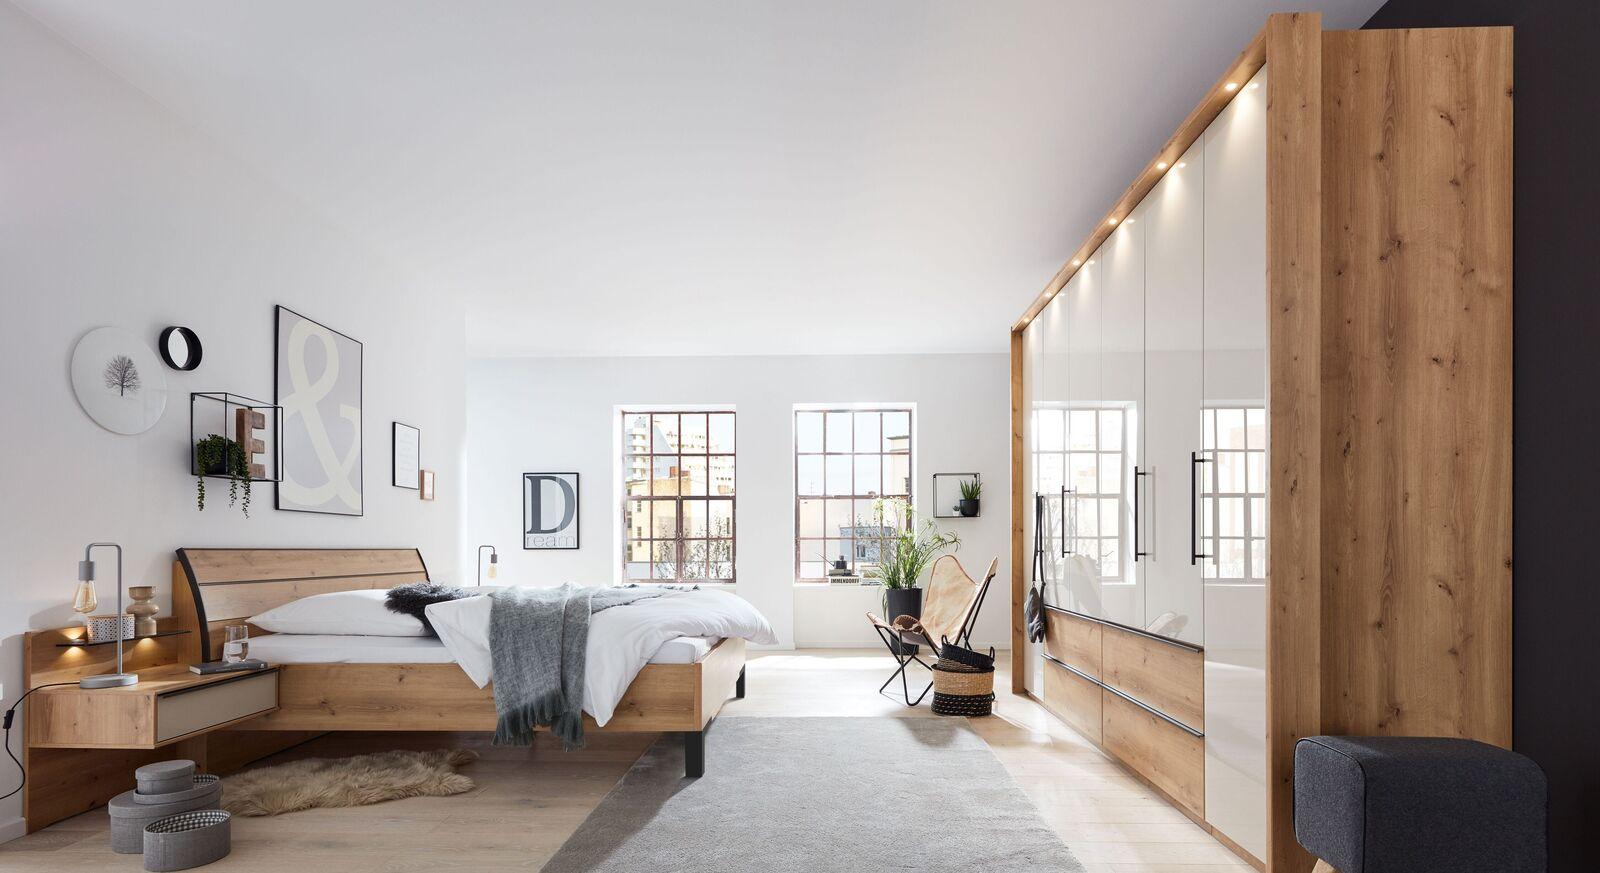 INTERLIVING Schlafzimmer 1205 mit passenden Beimöbeln